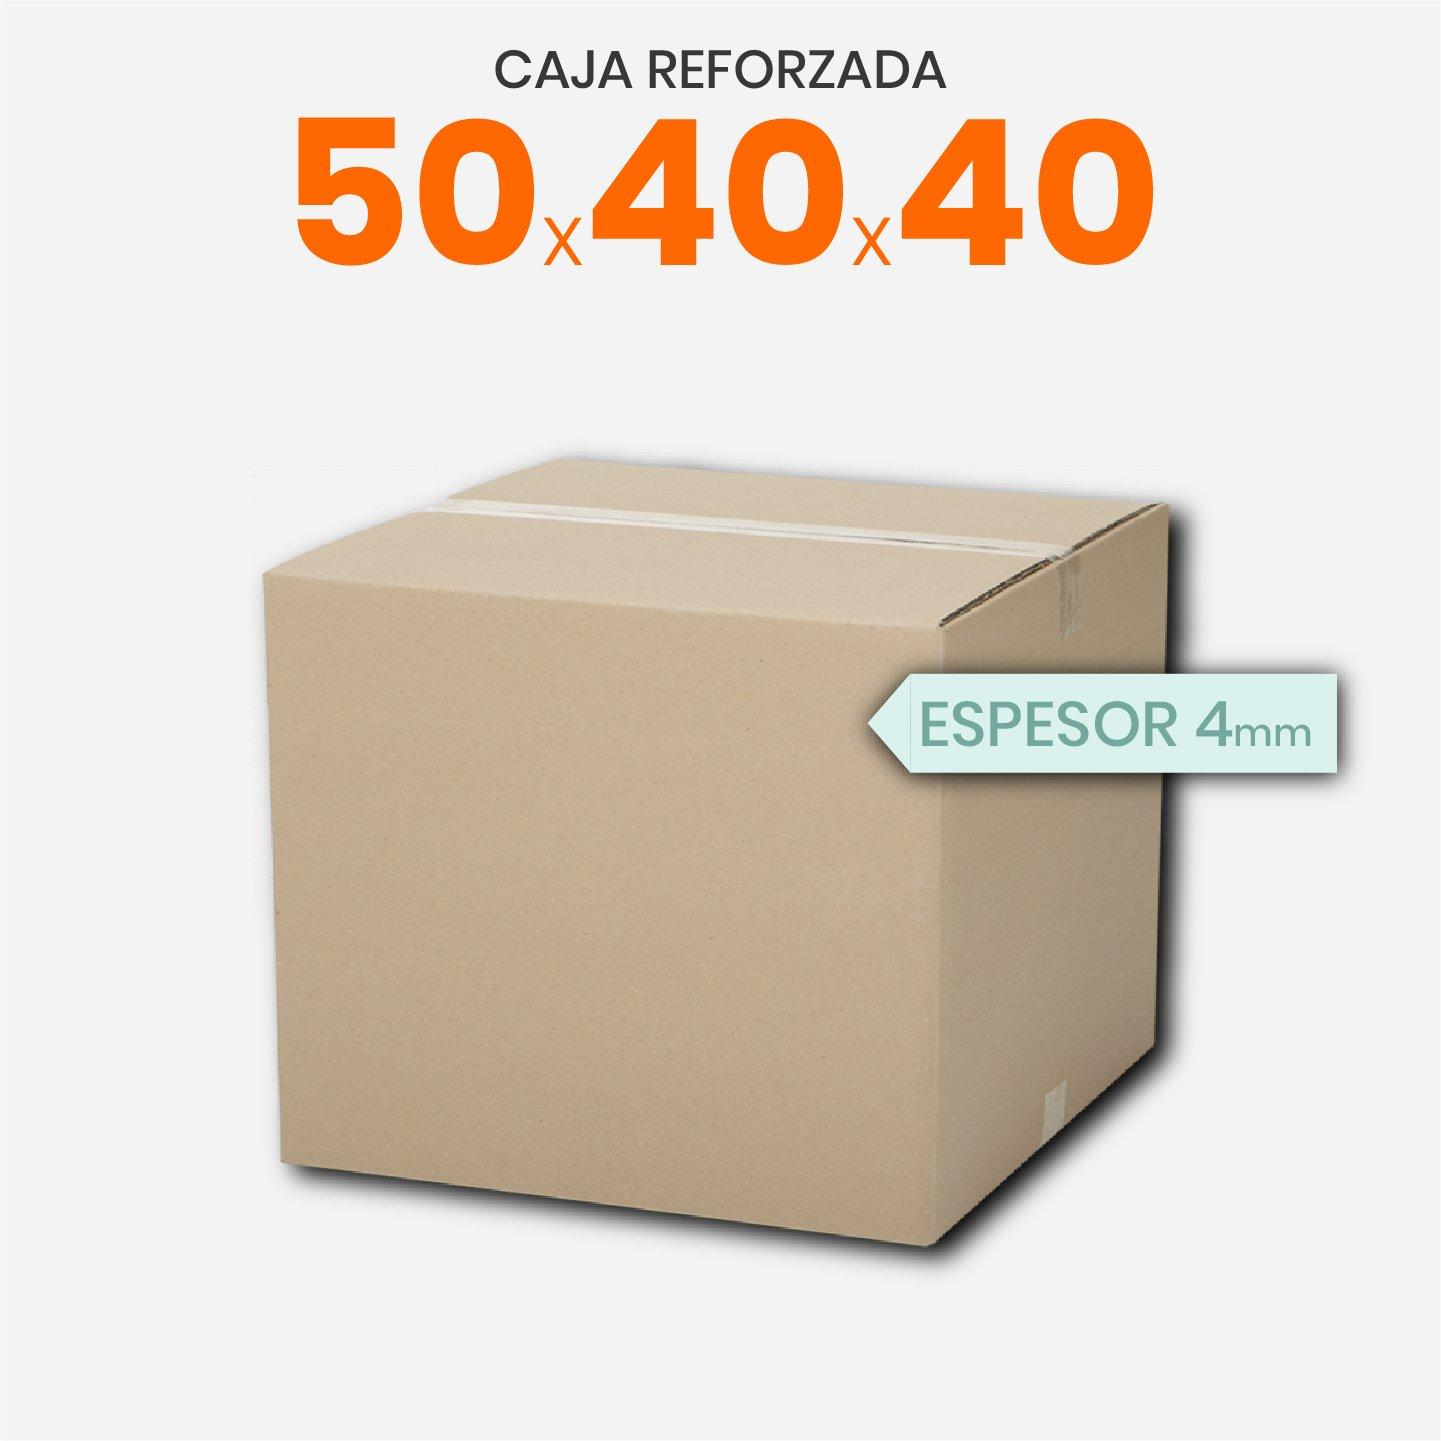 Caja De Cartón Corrugado Reforzada 50x40x40